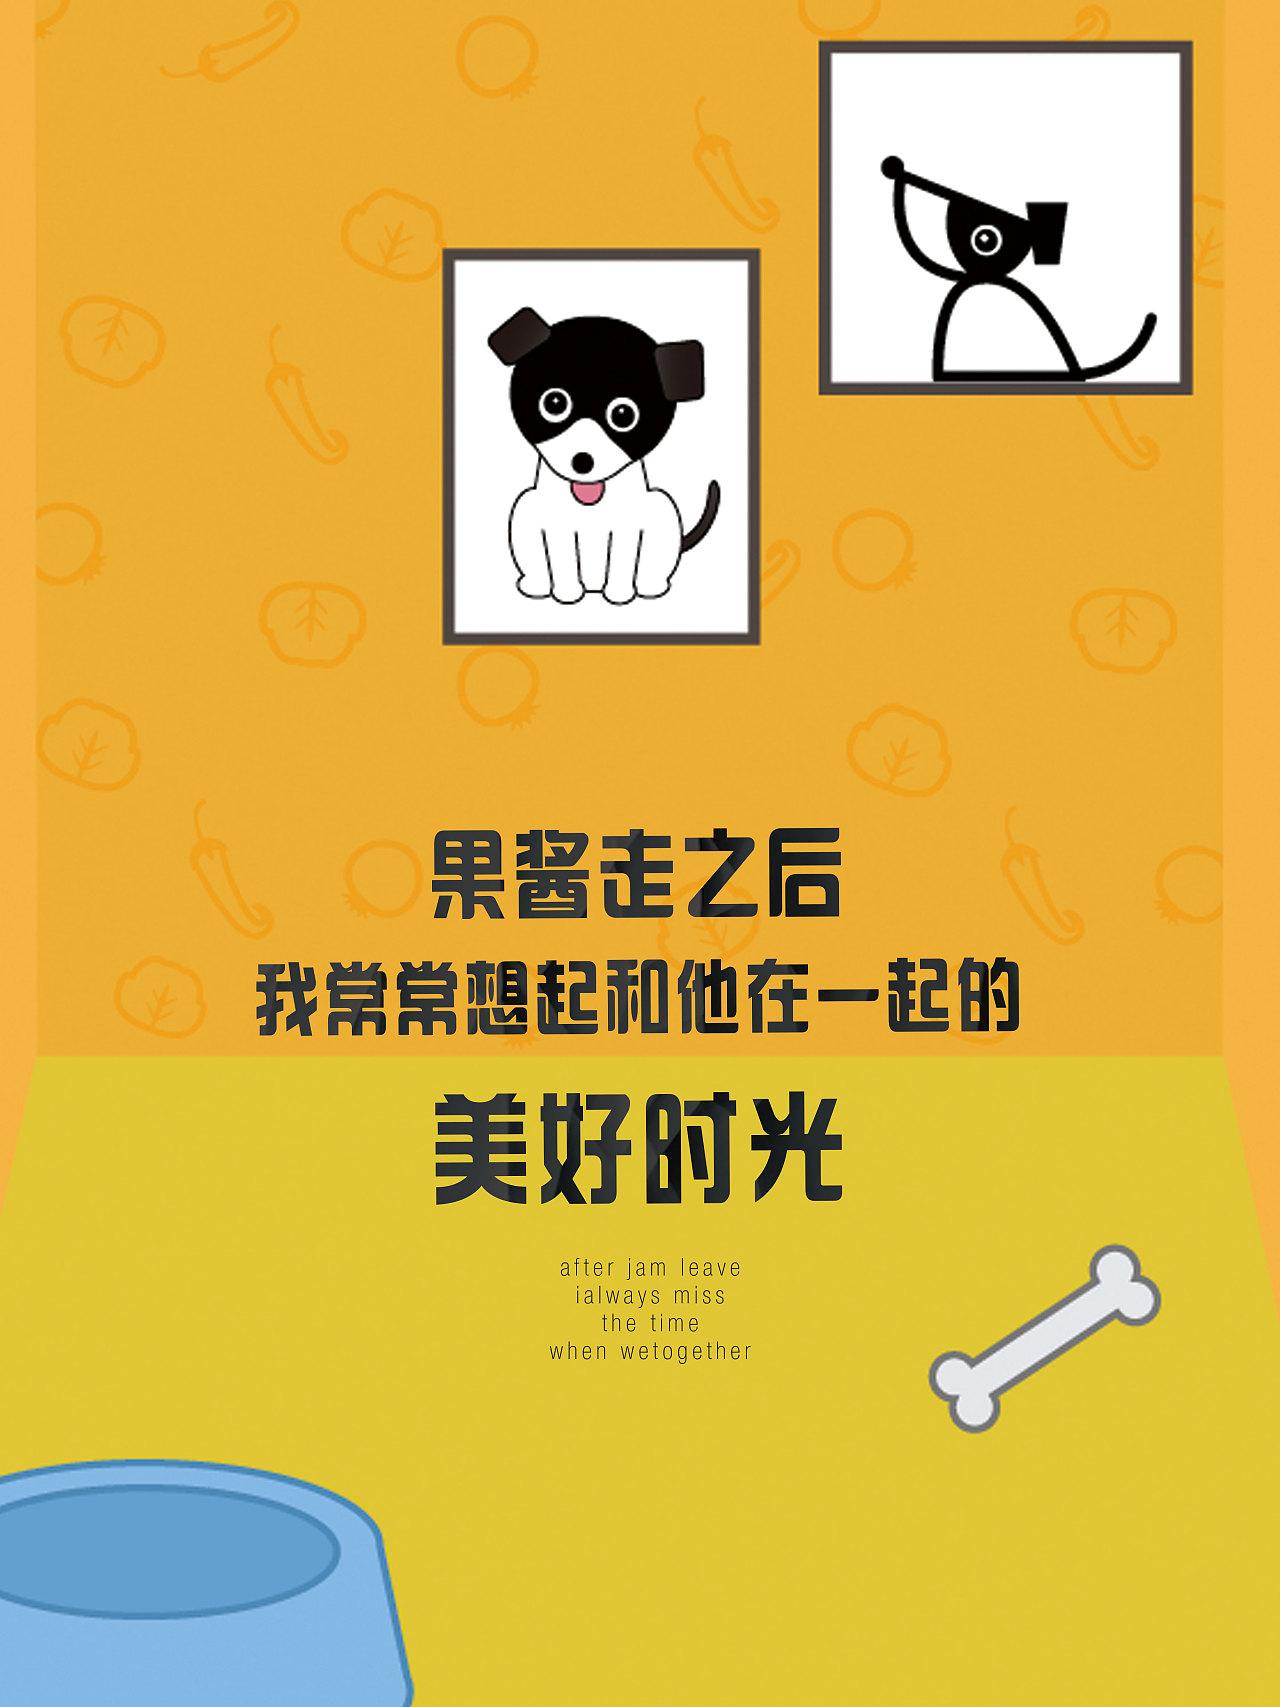 煎饼匠 插画招贴画|插画|商业插画|小野茹子 - 原创